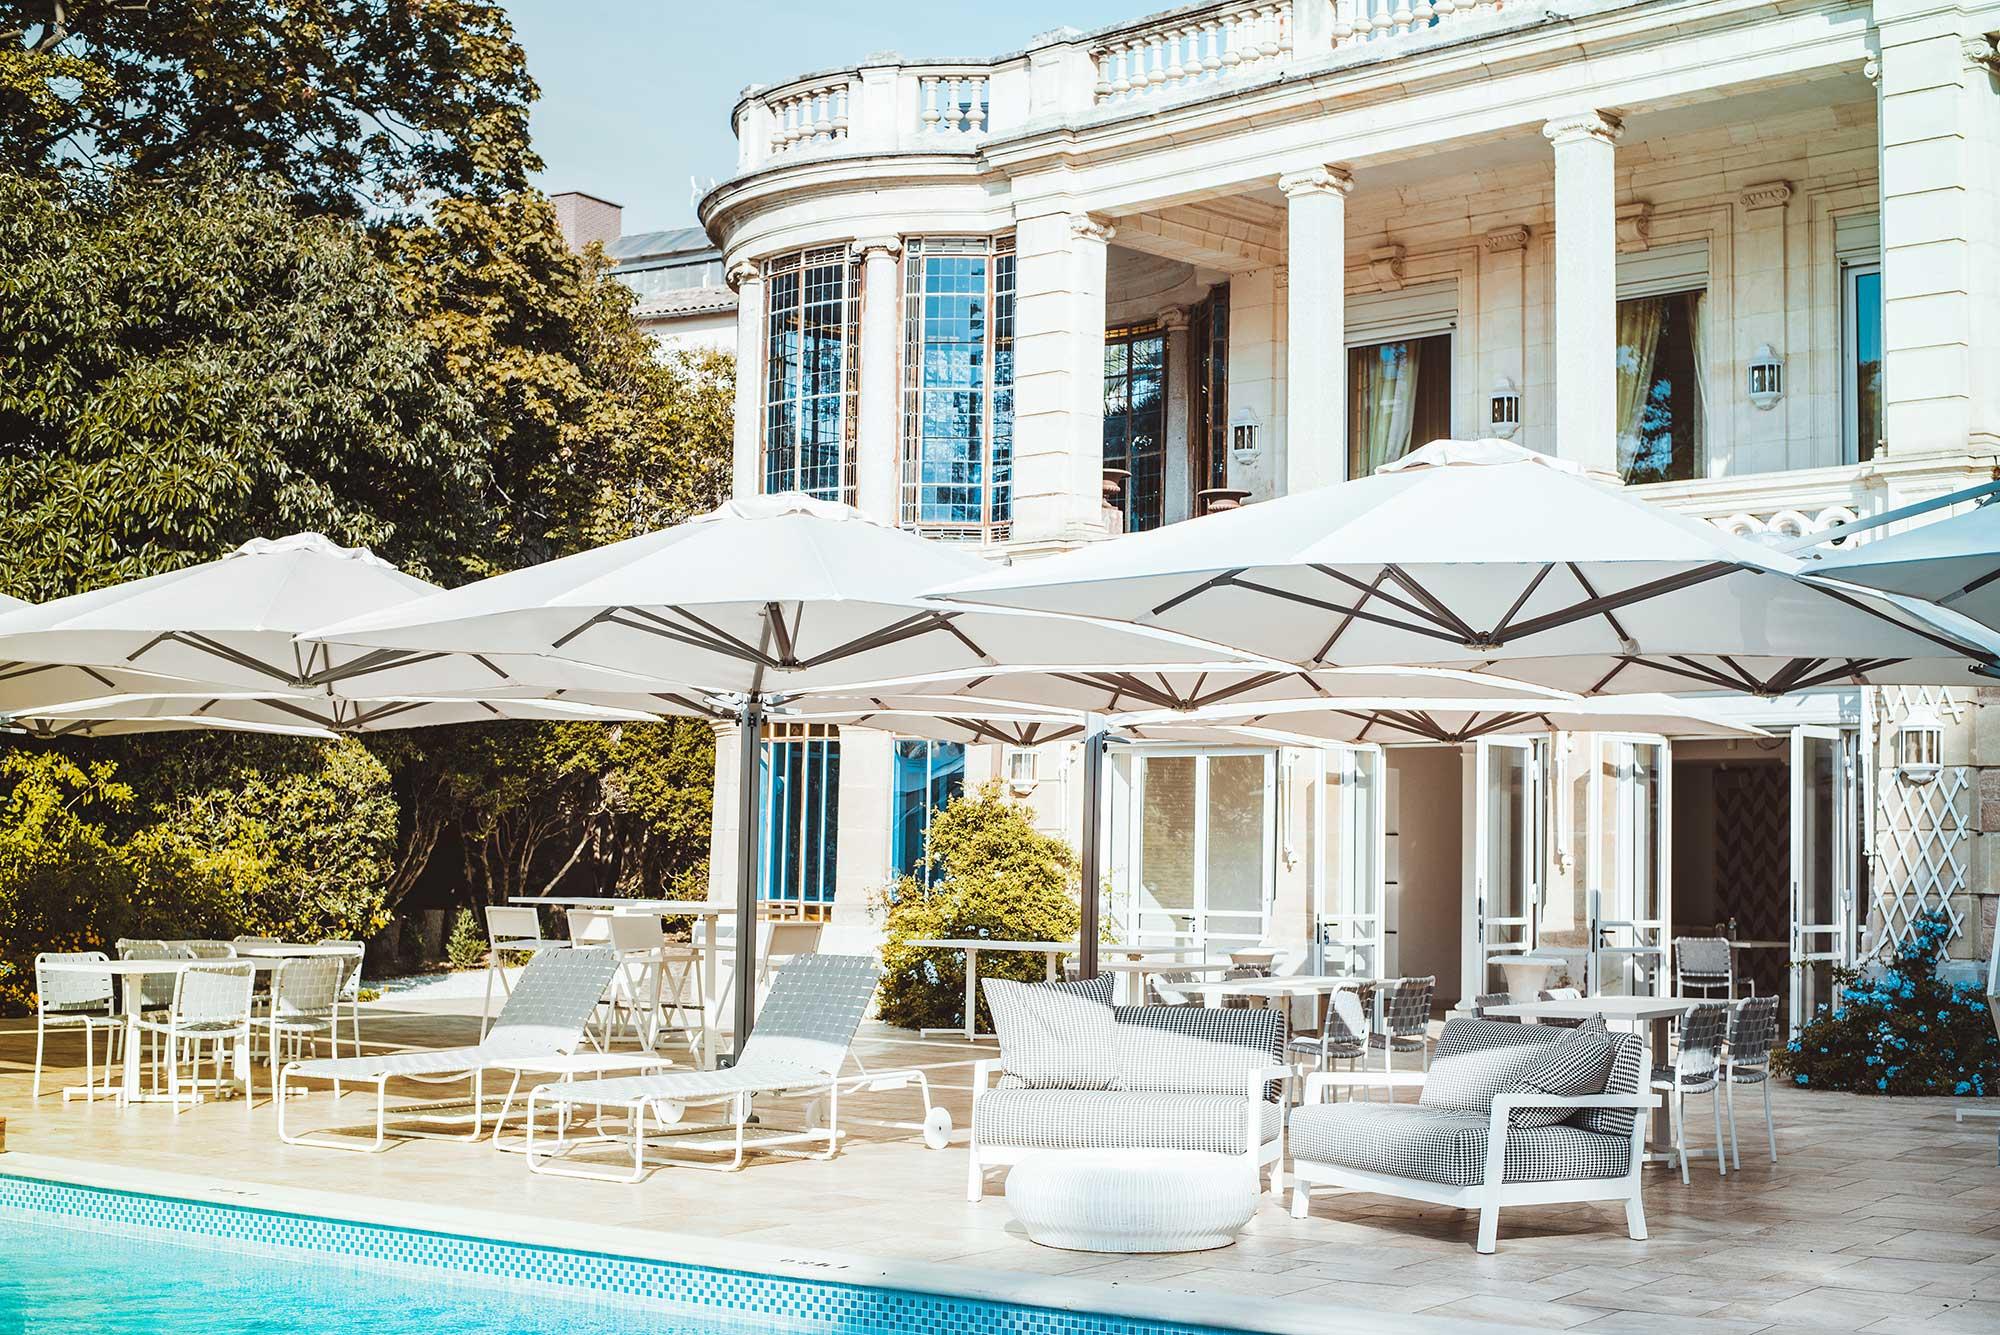 Terrasse aménagée en bordure de piscine et villa en arrière plan avec colonne romaine